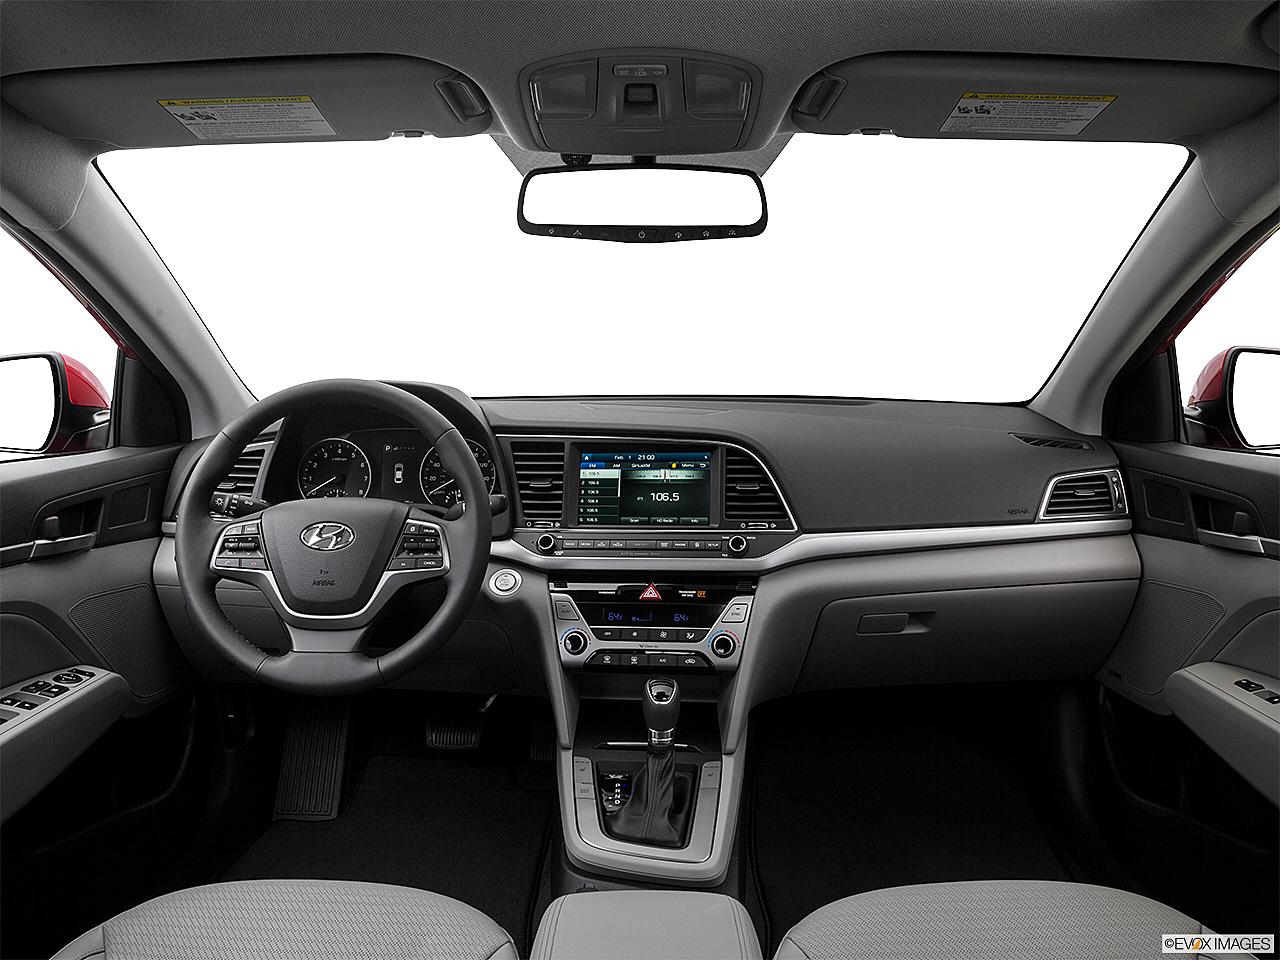 2017 Hyundai Elantra Limited >> 2018 Hyundai Elantra Value Edition 4dr Sedan PZEV - Research - GrooveCar